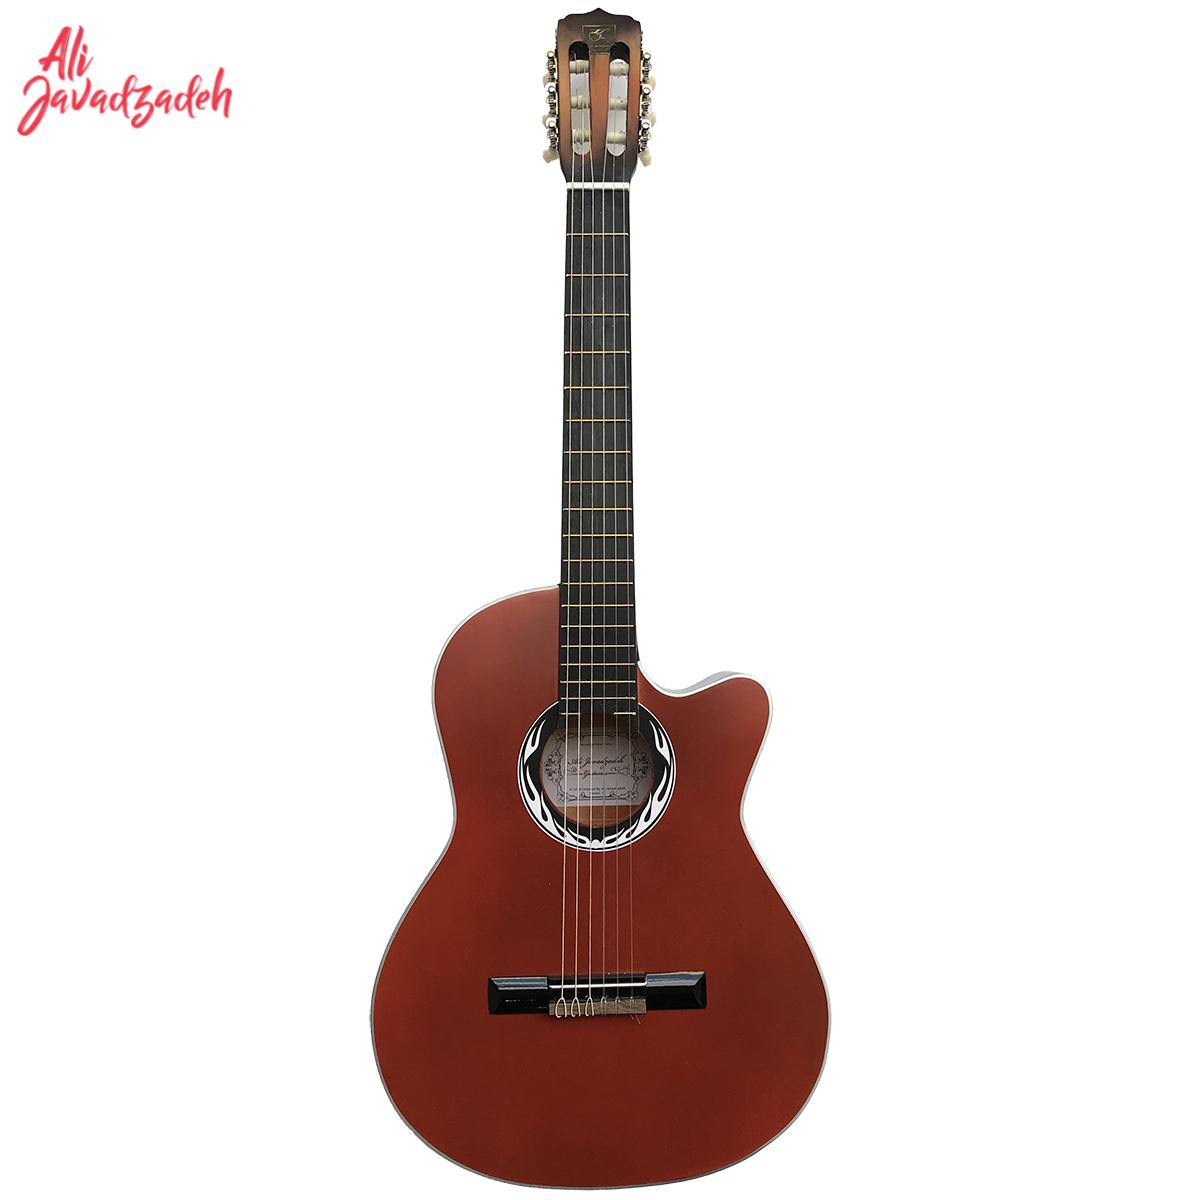 گیتار کلاسیک علی جوادزاده مدل 1C-17